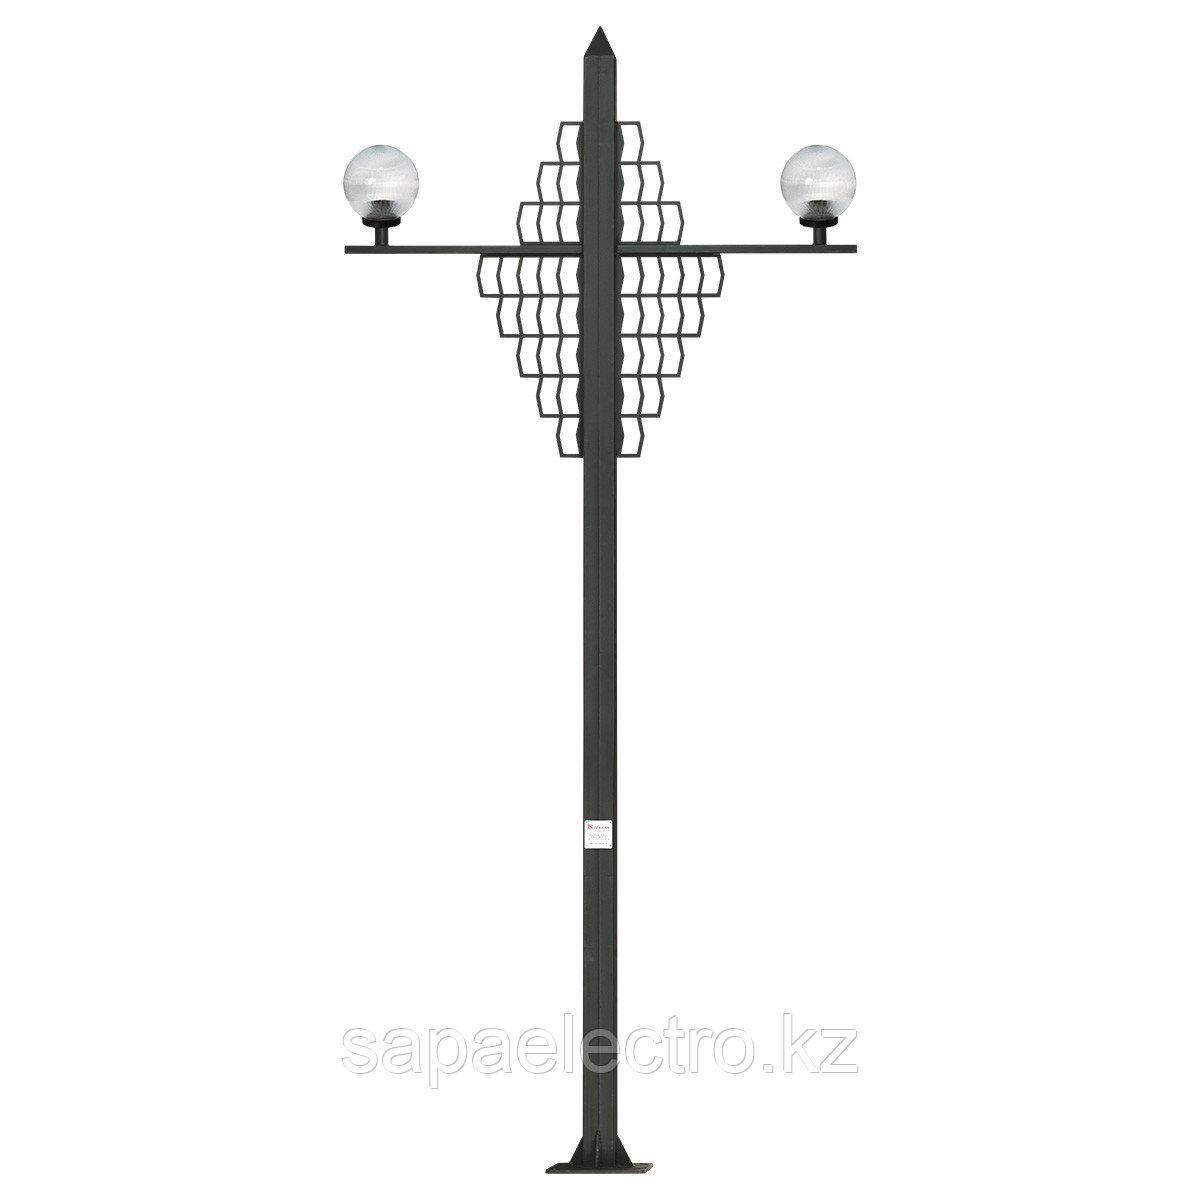 СТОЛБ DEKORATIF WALL H-4м 80x80 MGL